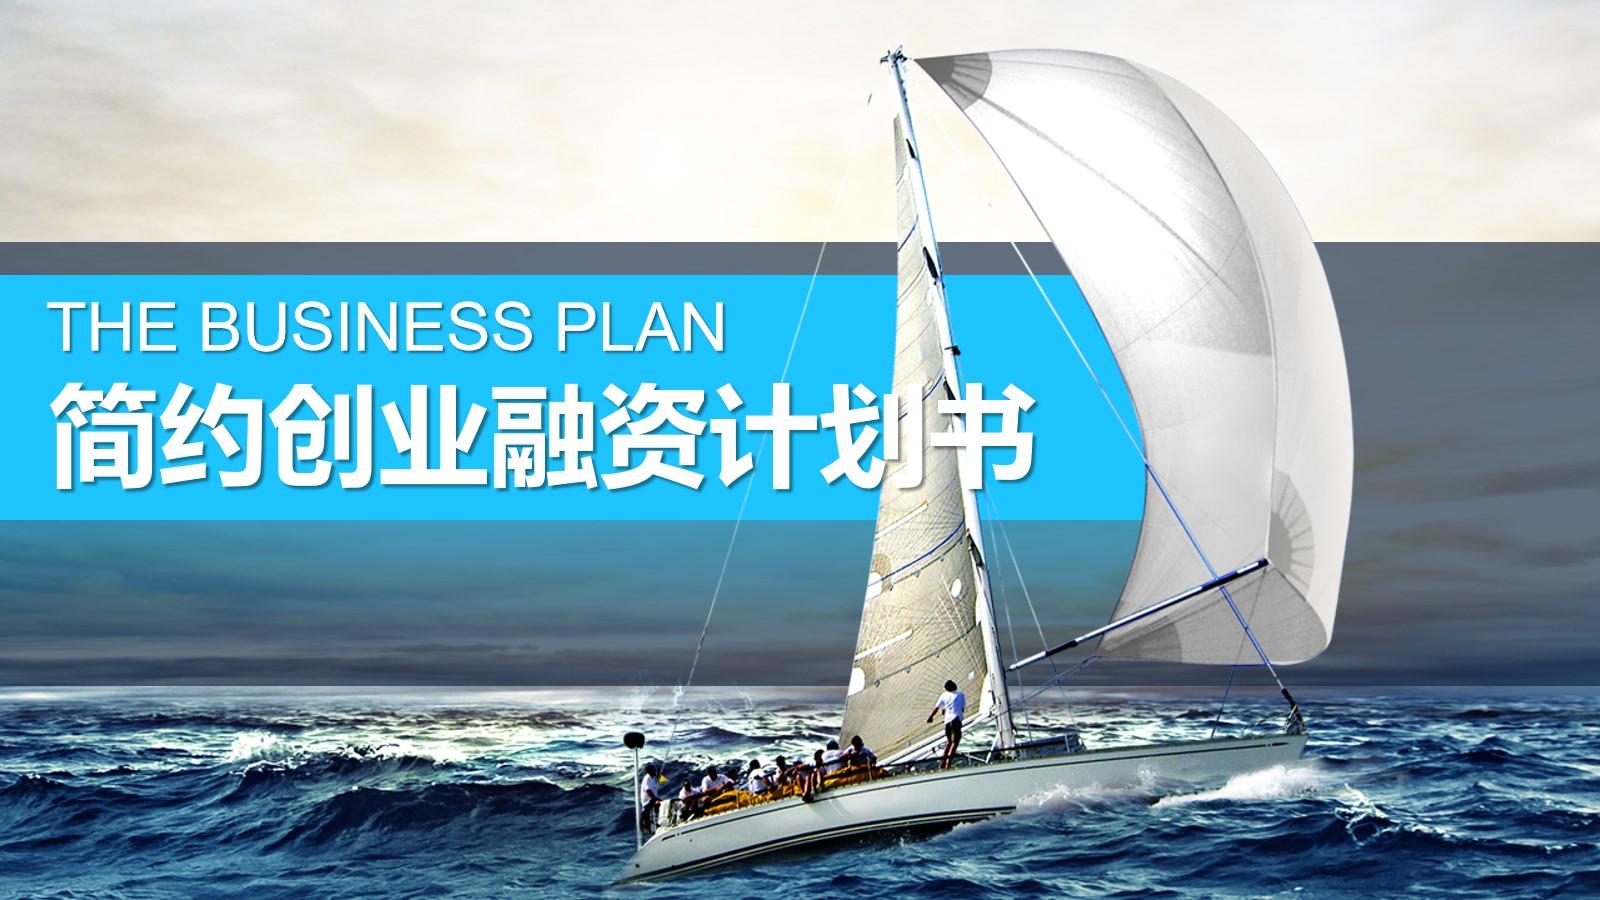 大海帆船背景的创业融资商业路演PPT模板